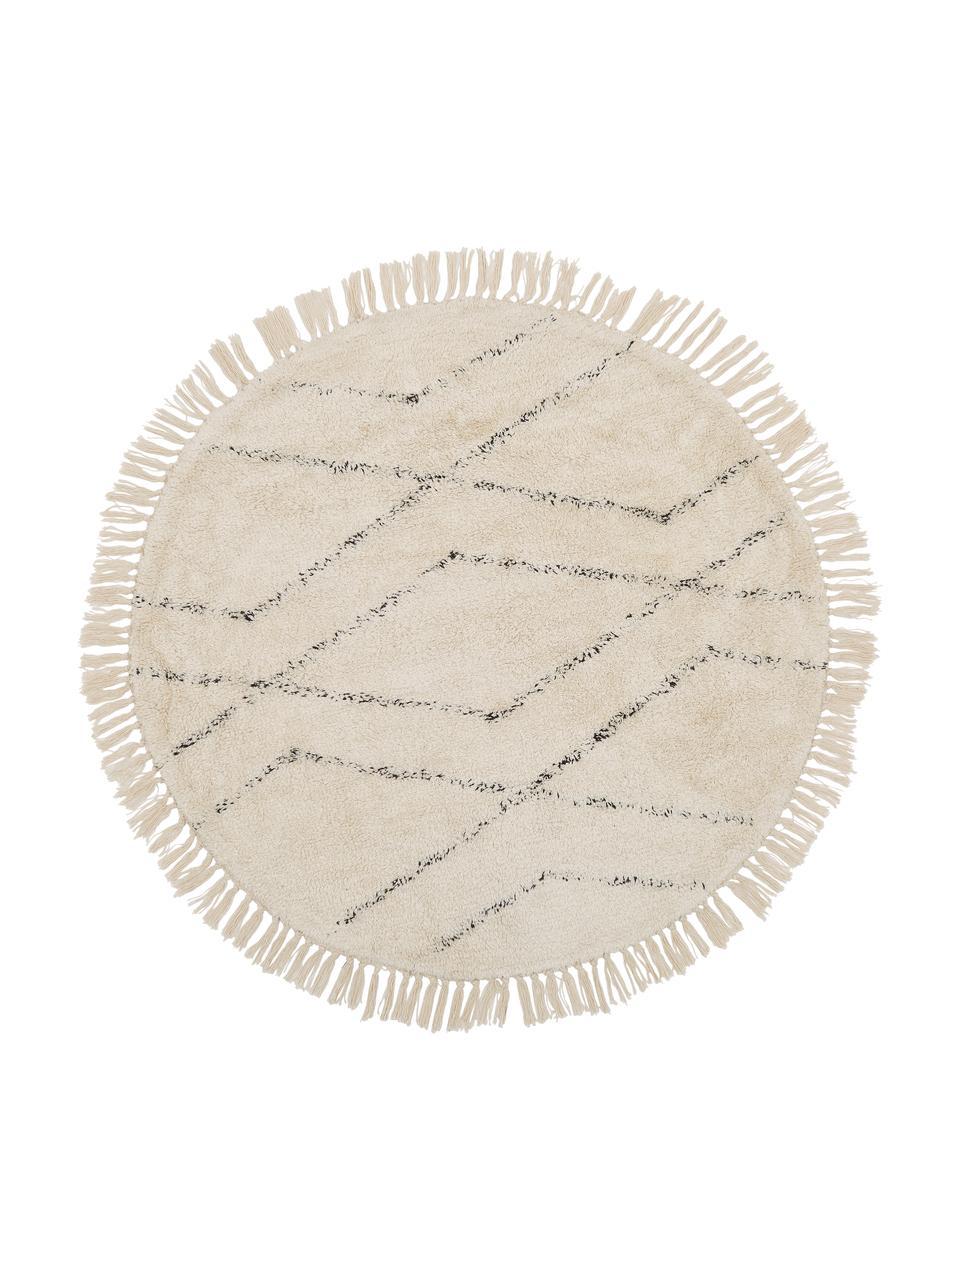 Tappeto rotondo in cotone taftato a mano con motivo rombi Bina, 100% cotone, Beige, nero, Ø 150 cm (taglia M)